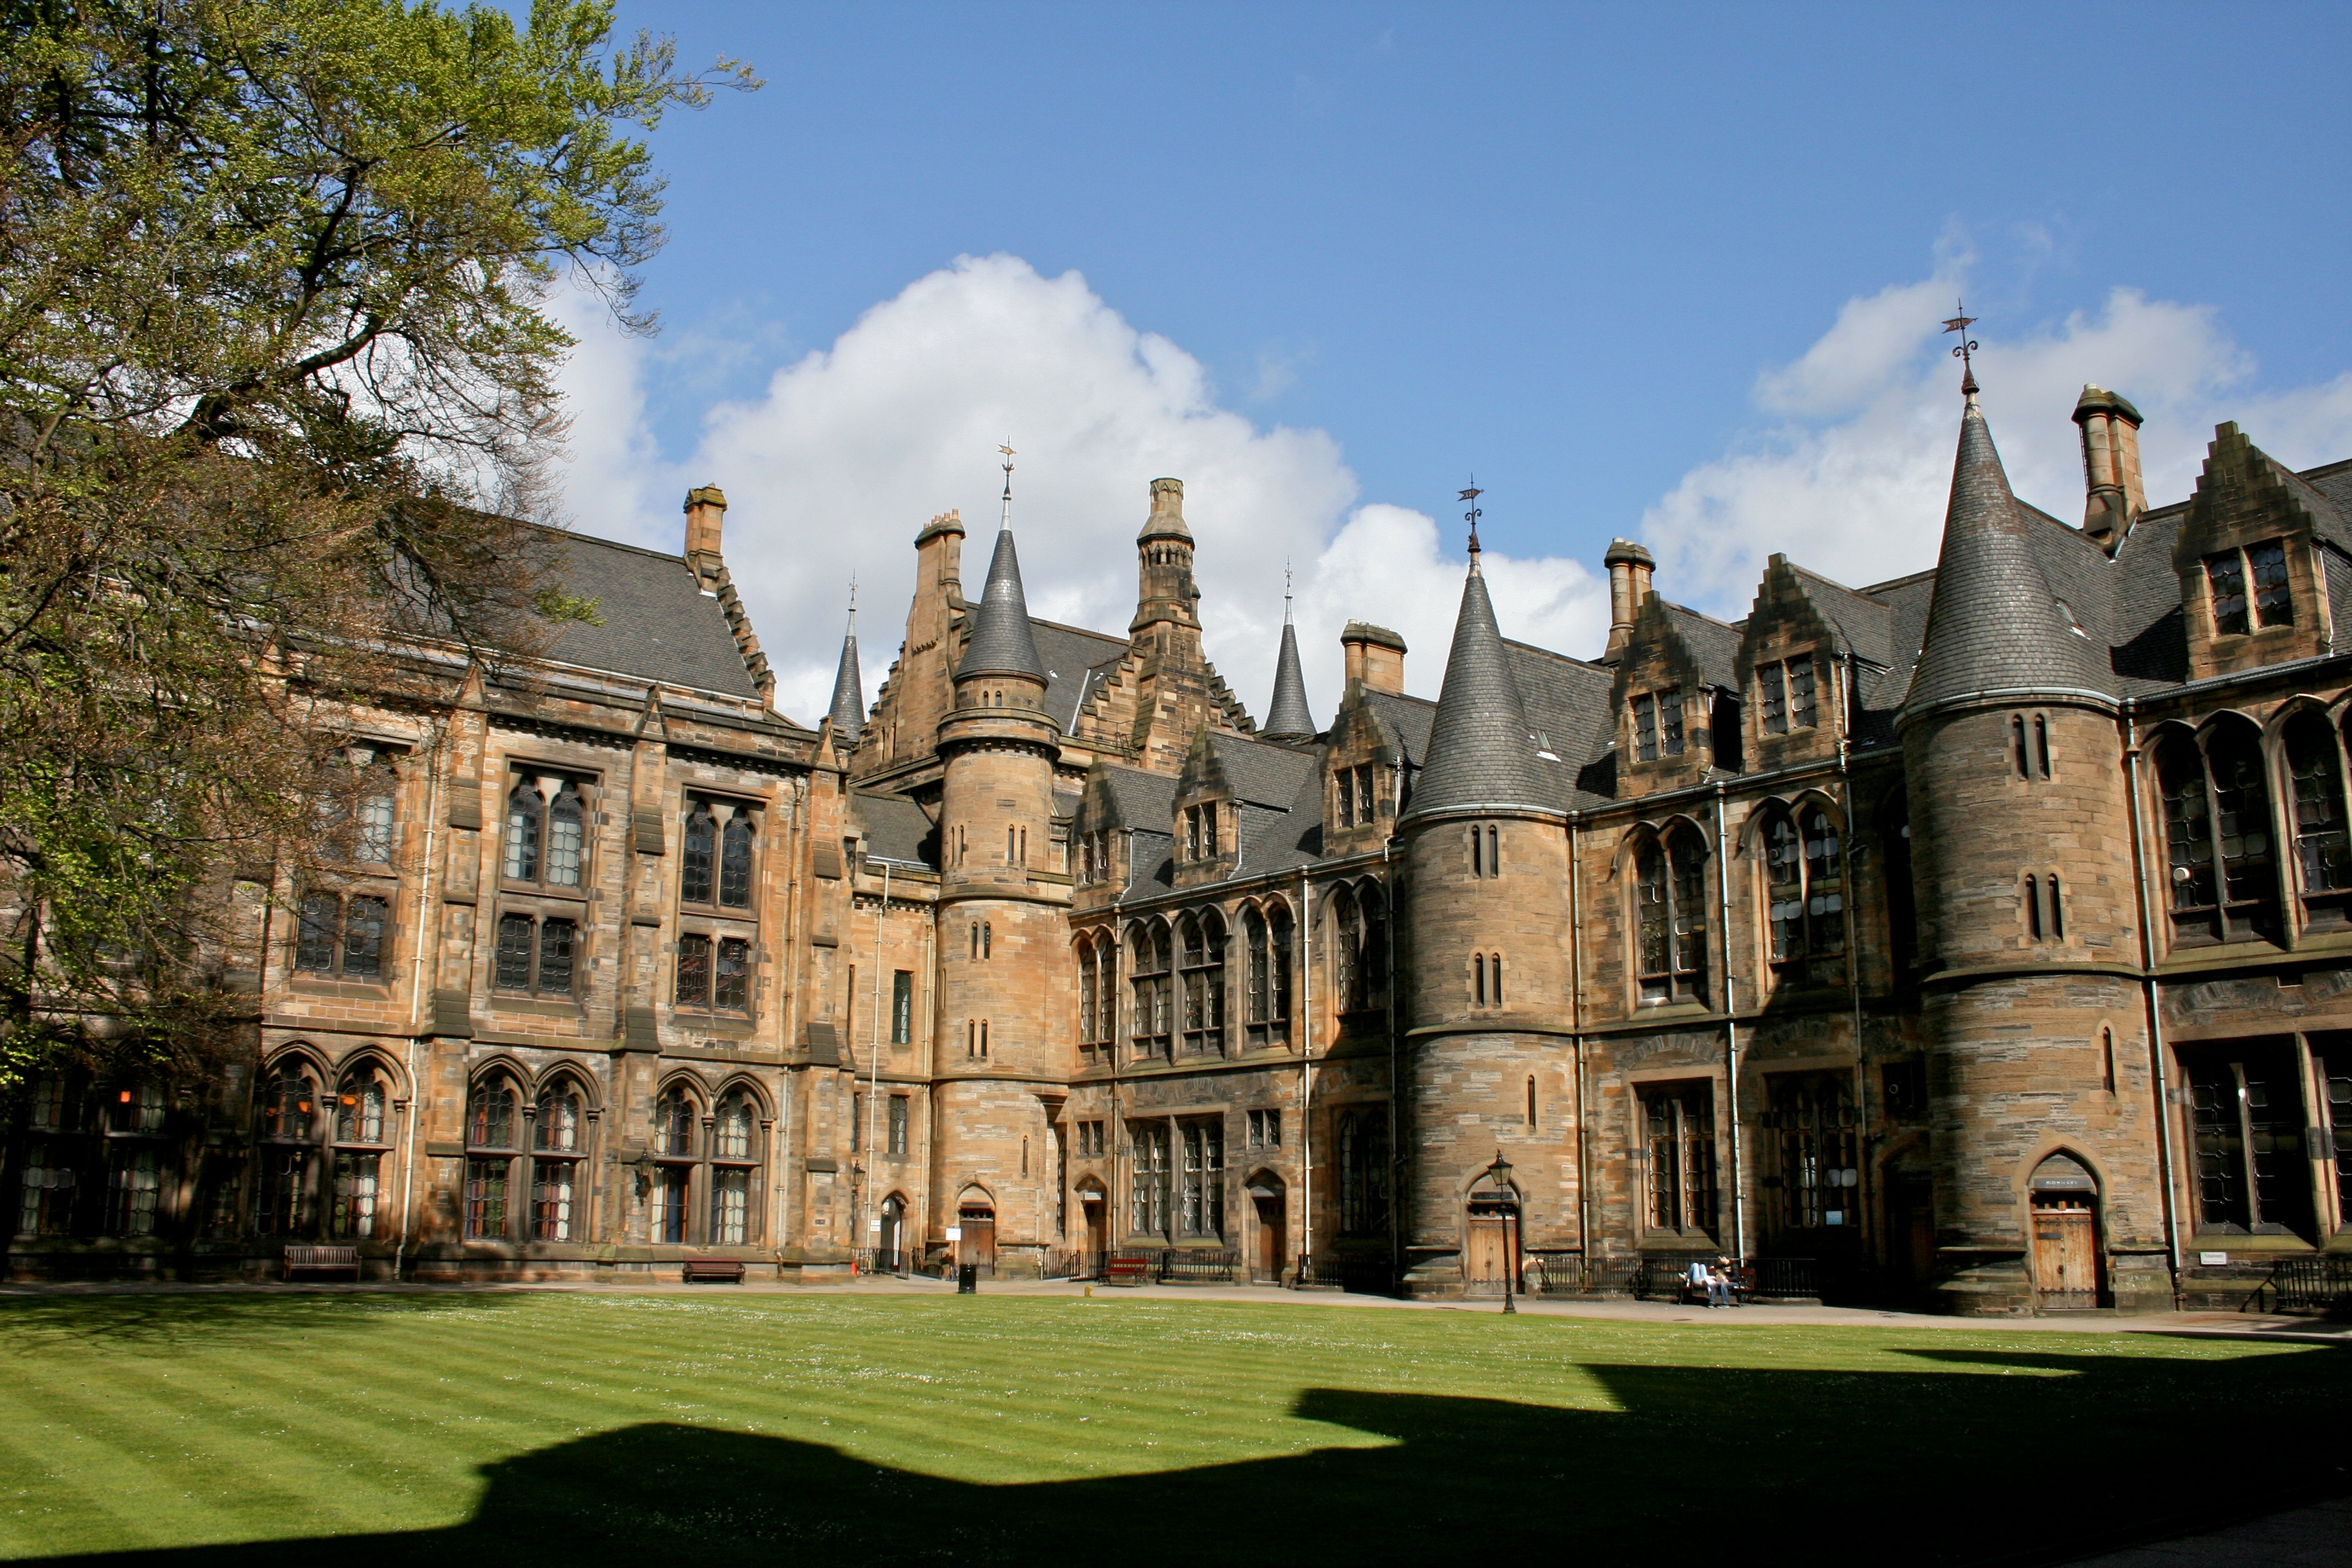 A-Glasgow-University-é-uma-das-universidades-mais-bonitas-do-Reino-Unido